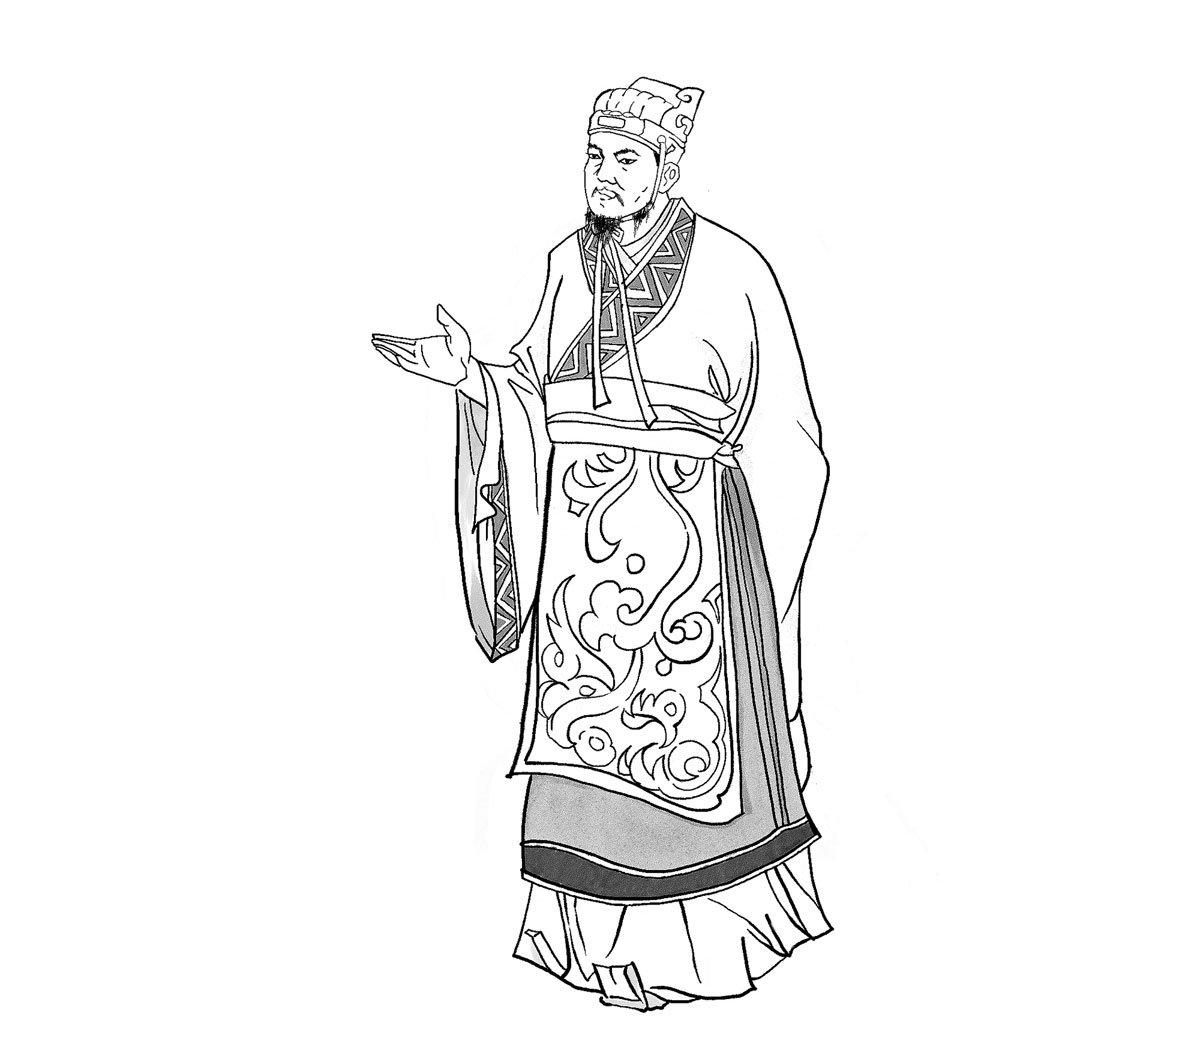 秦始皇死後,左丞相李斯為保身,與趙高合謀易儲,後被趙高所害,誅滅三族。